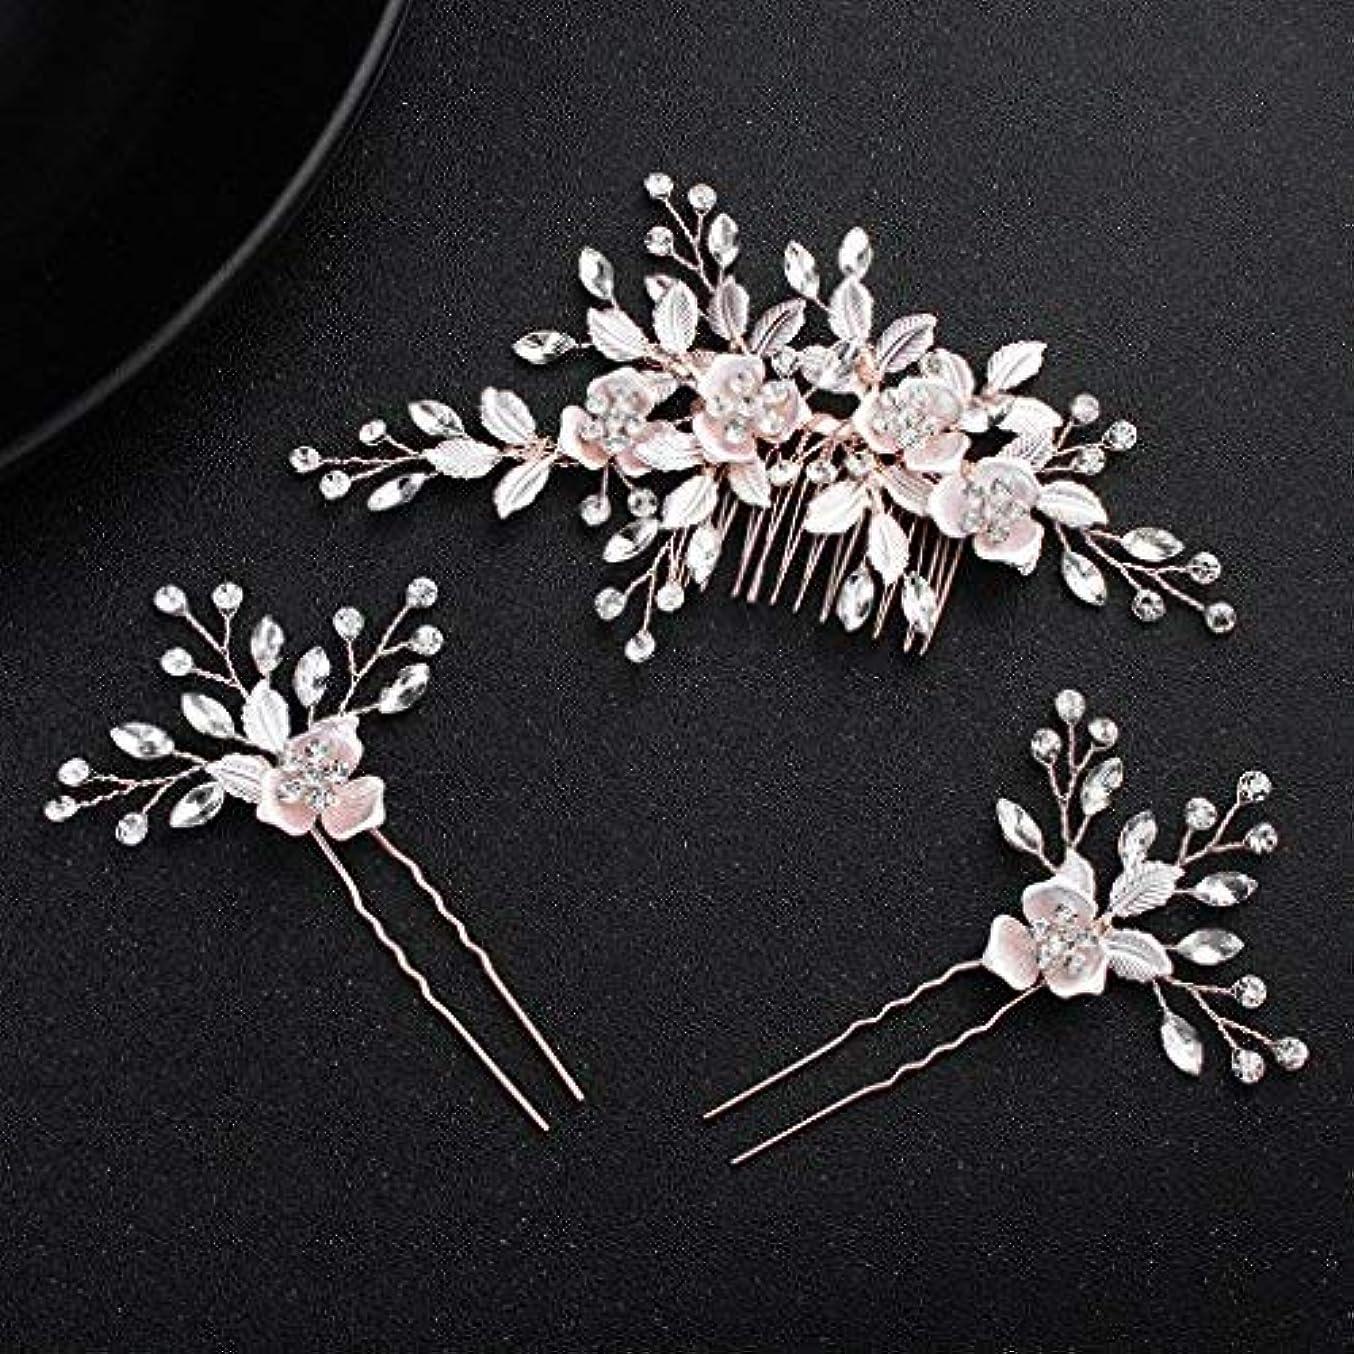 護衛ロータリー機関obqoo Crystal Flowers Style Colorful Leaves Metal Bridal Hair Comb with 2 pcs Pins Rose Gold [並行輸入品]